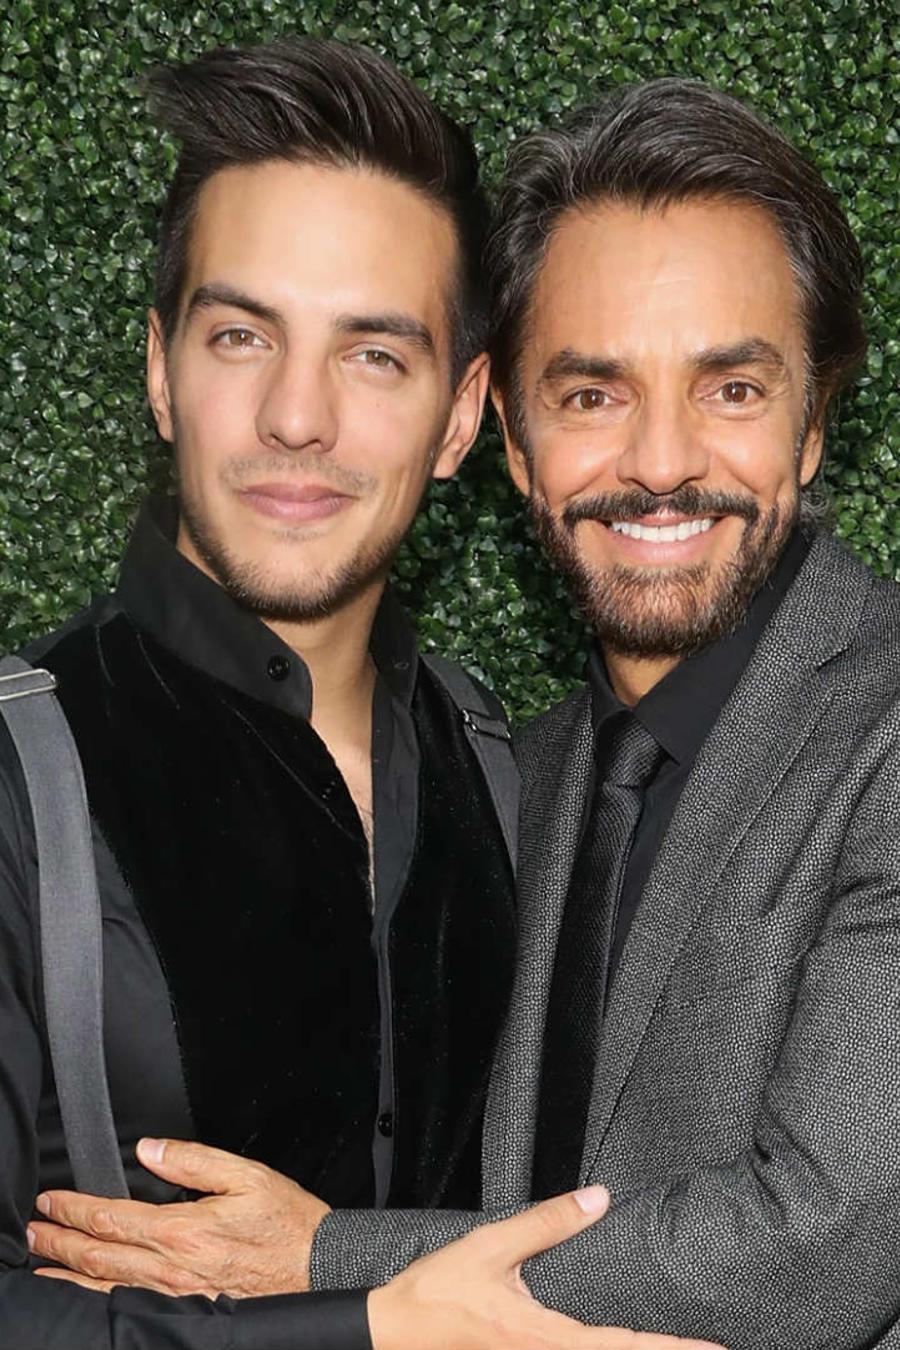 Vadhir seguirá los pasos de Eugenio Derbez y llegará a Hollywood